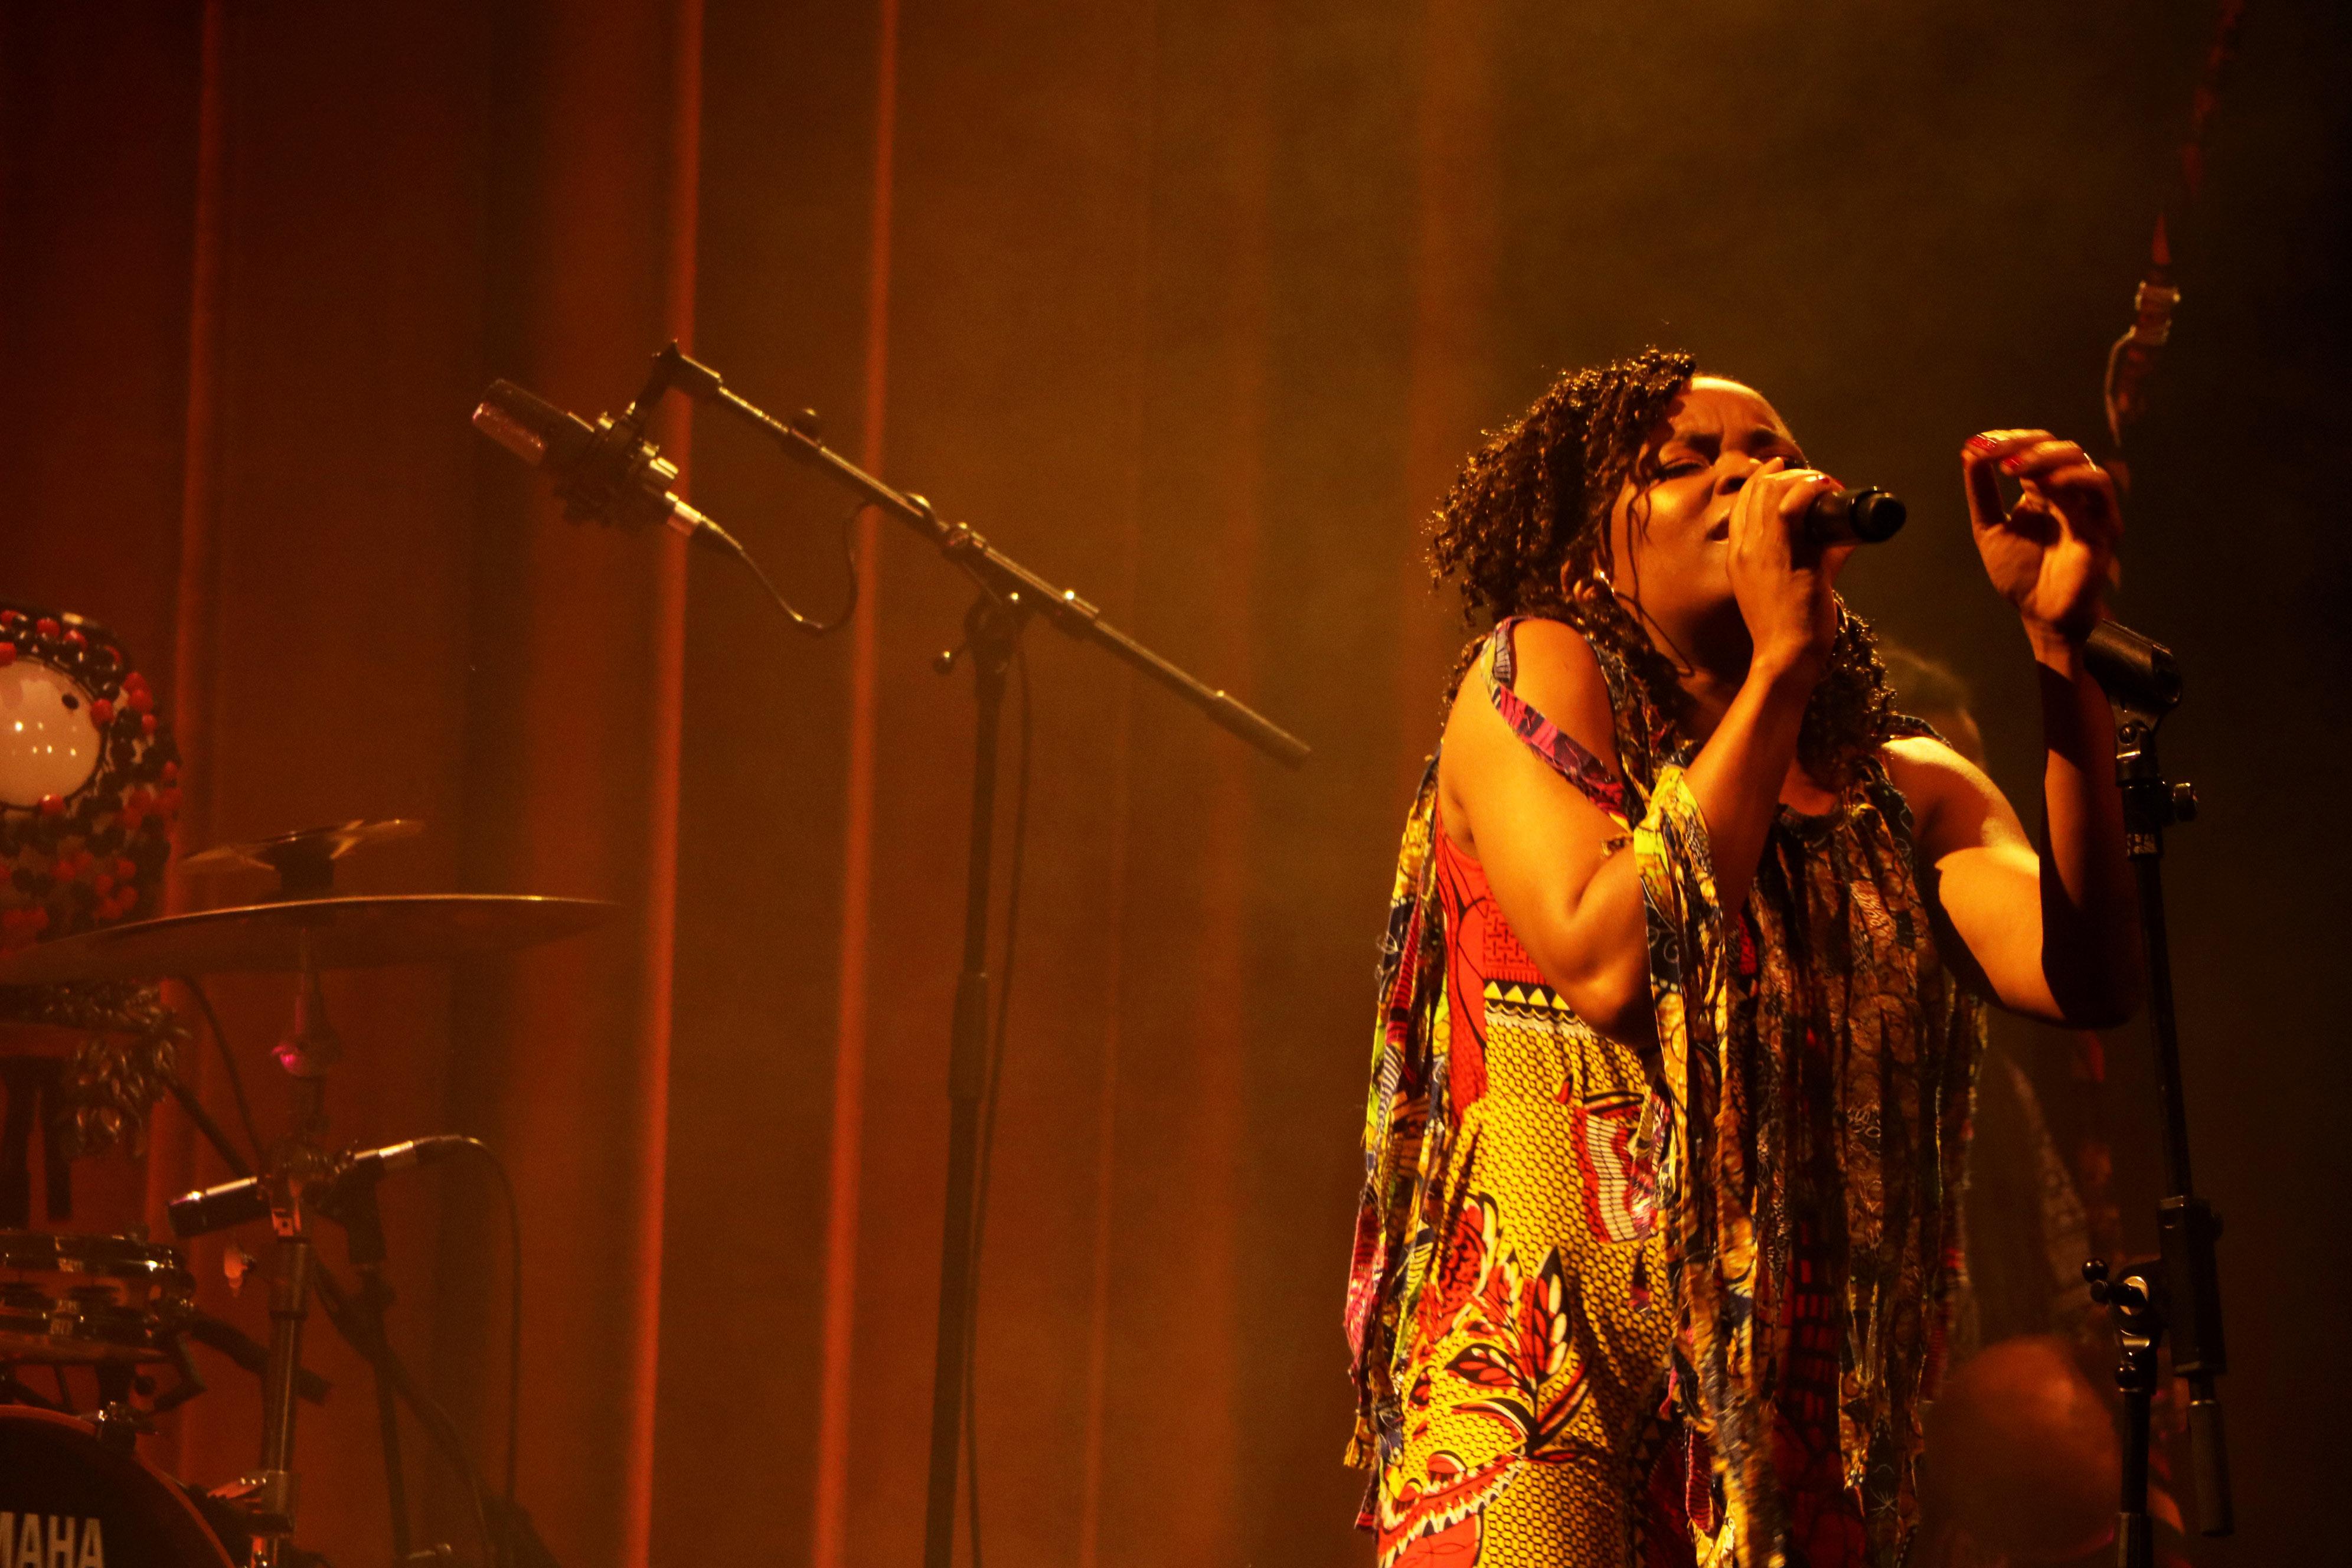 Selma Uamusse, Casa da Música. Fotografia: Mariana Bragada